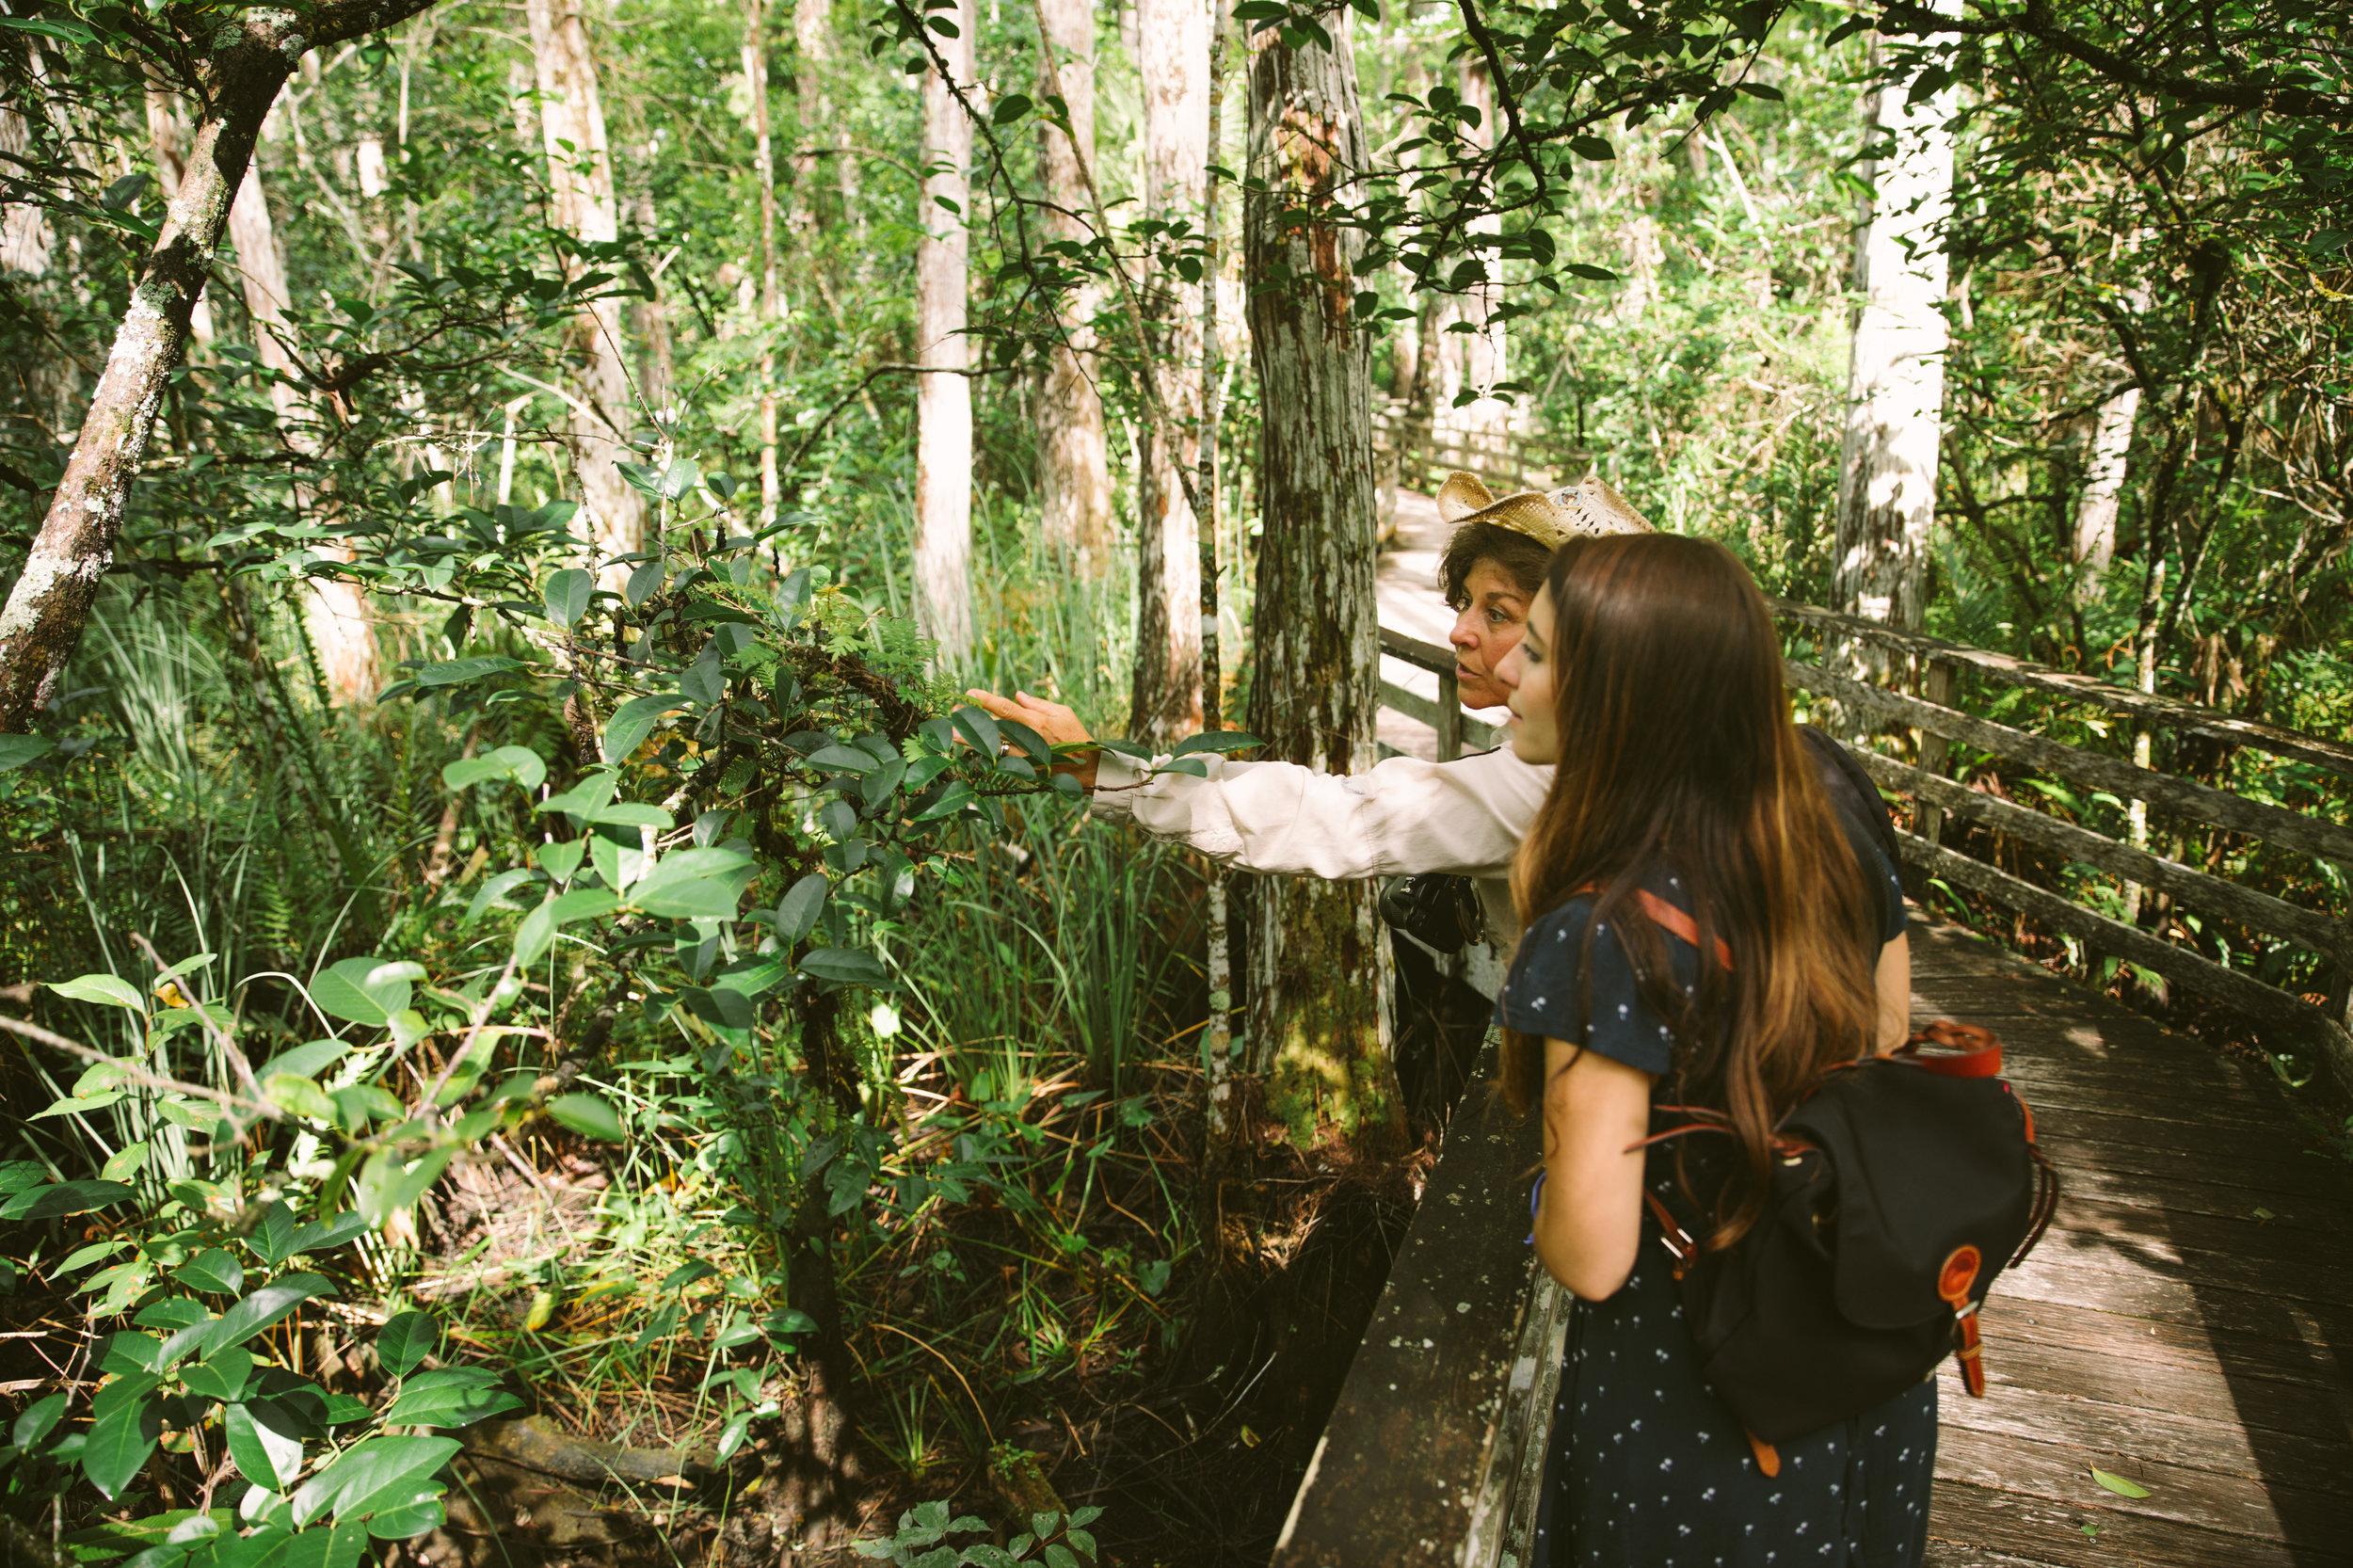 Florida-ElenaPressprich-16.jpg